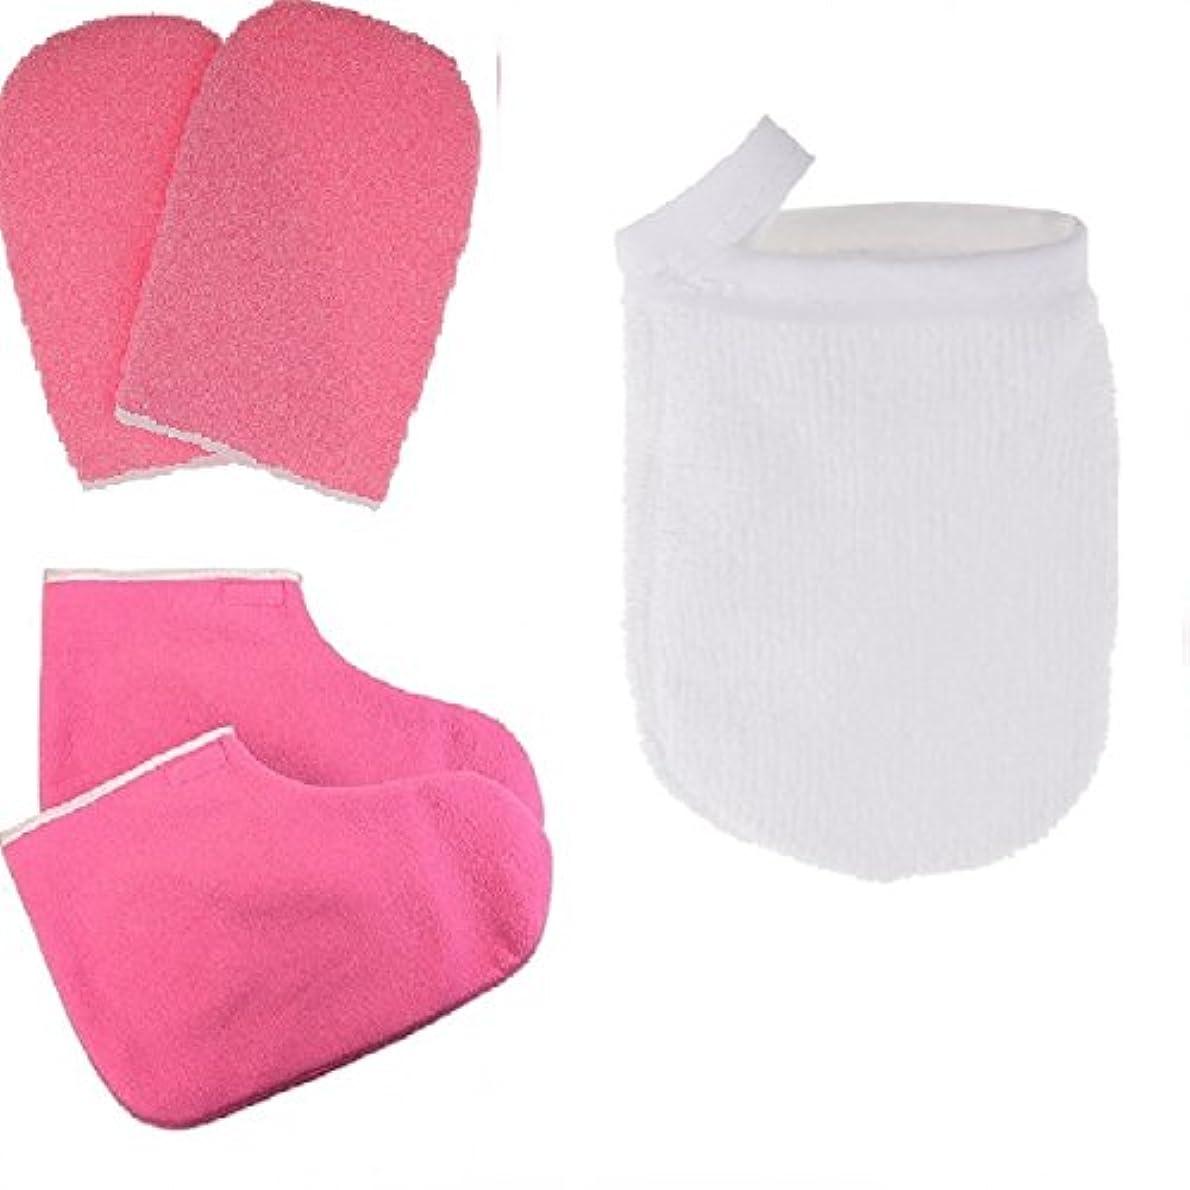 オークション船尾スタンドパラフィン蝋手袋およびブーティのスキンケアが付いている表面構造の清潔になる手袋